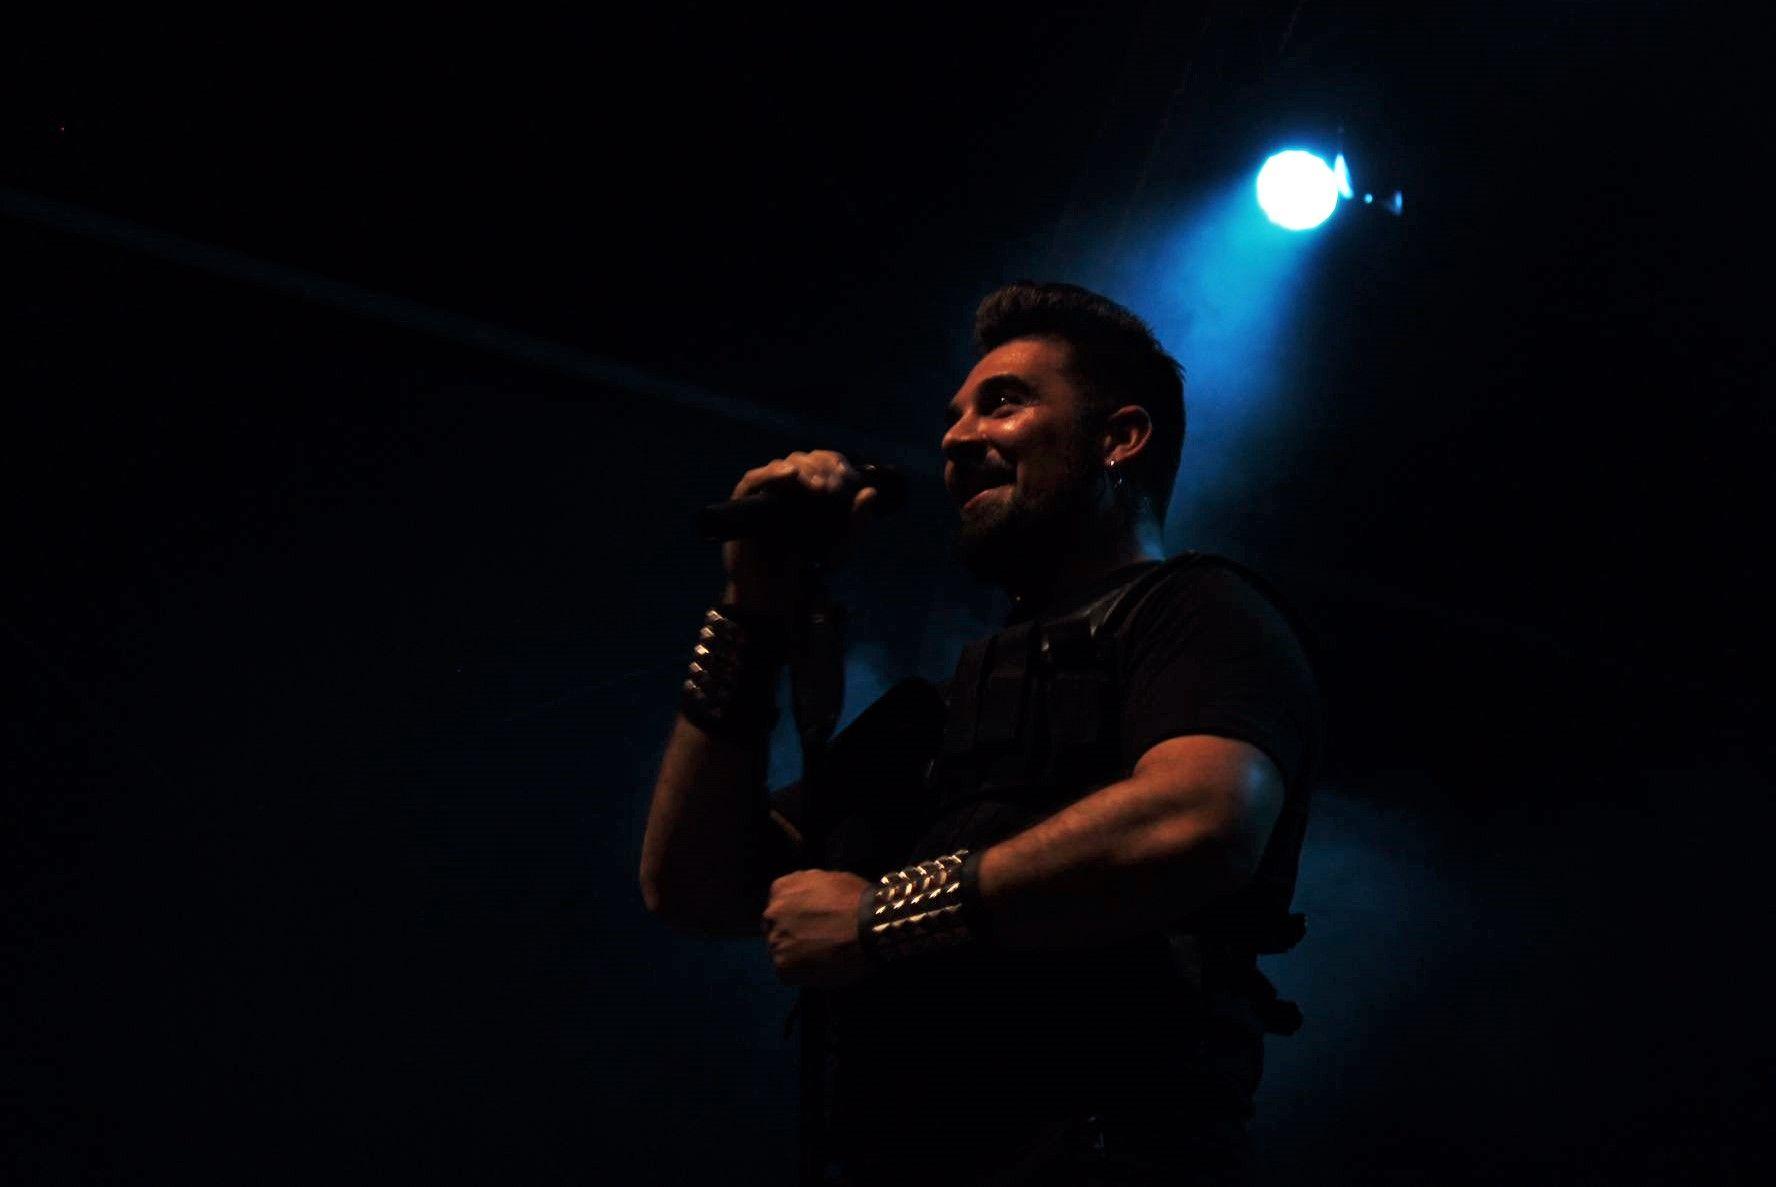 Actuació musical dels Versión Imposible. FOTO: Andrea Martínez